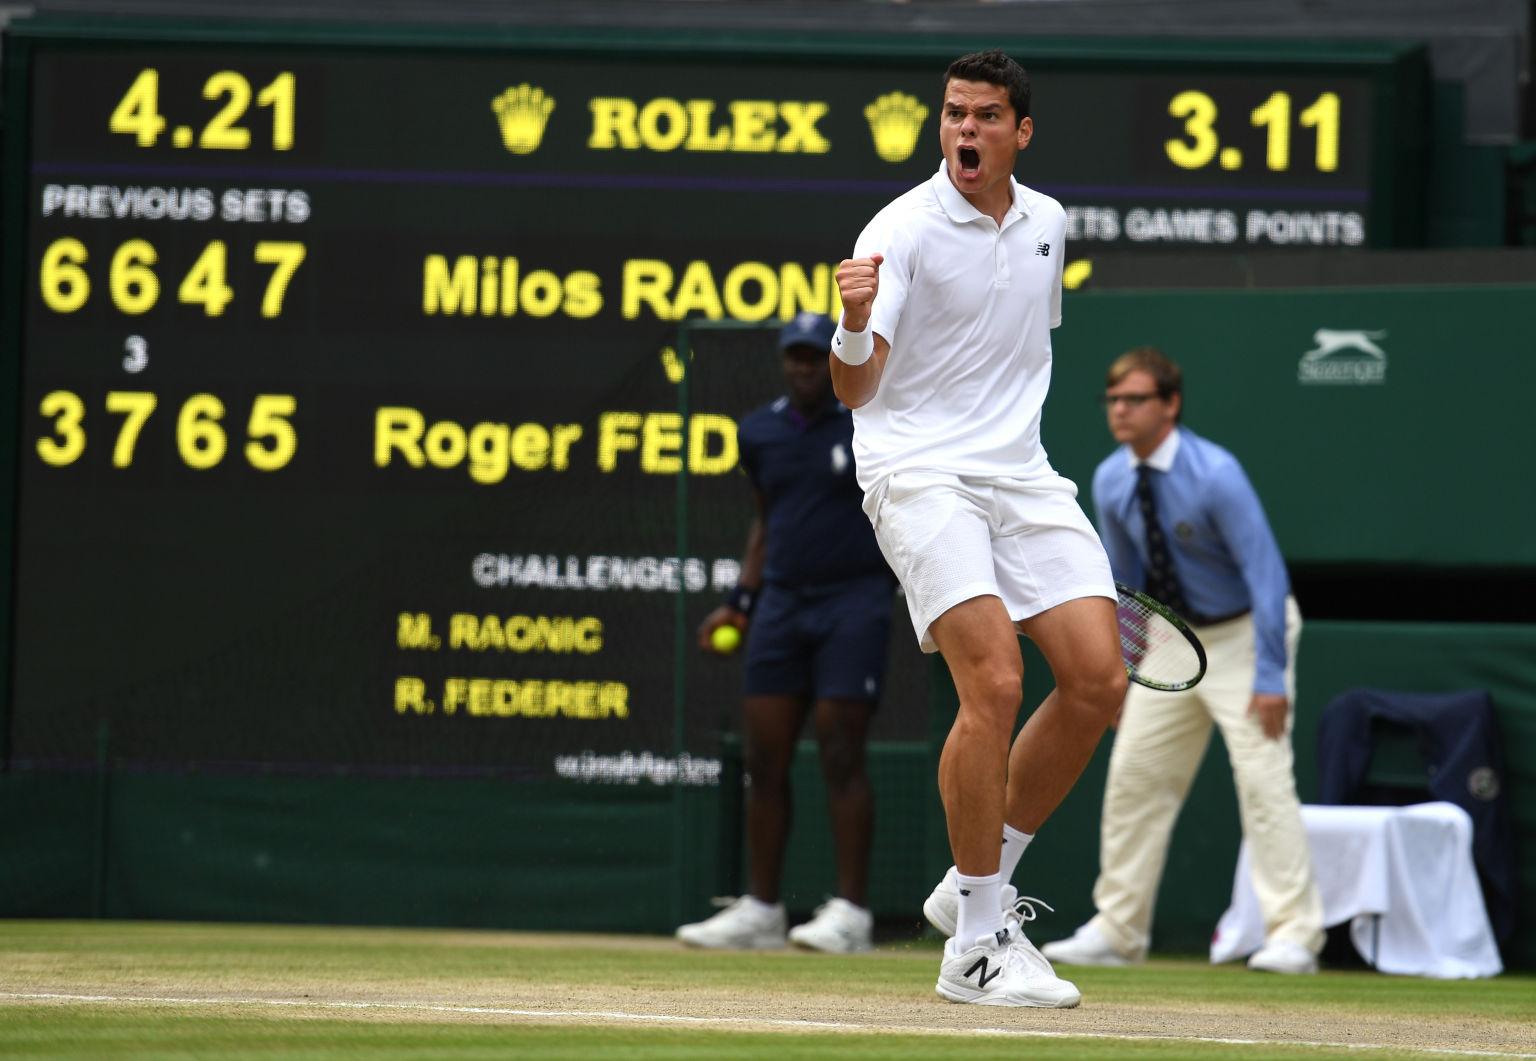 Game, Set and Match – Raonic. Der xx-Jährige steht zum ersten Mal in einem Grand Slam-Finale.